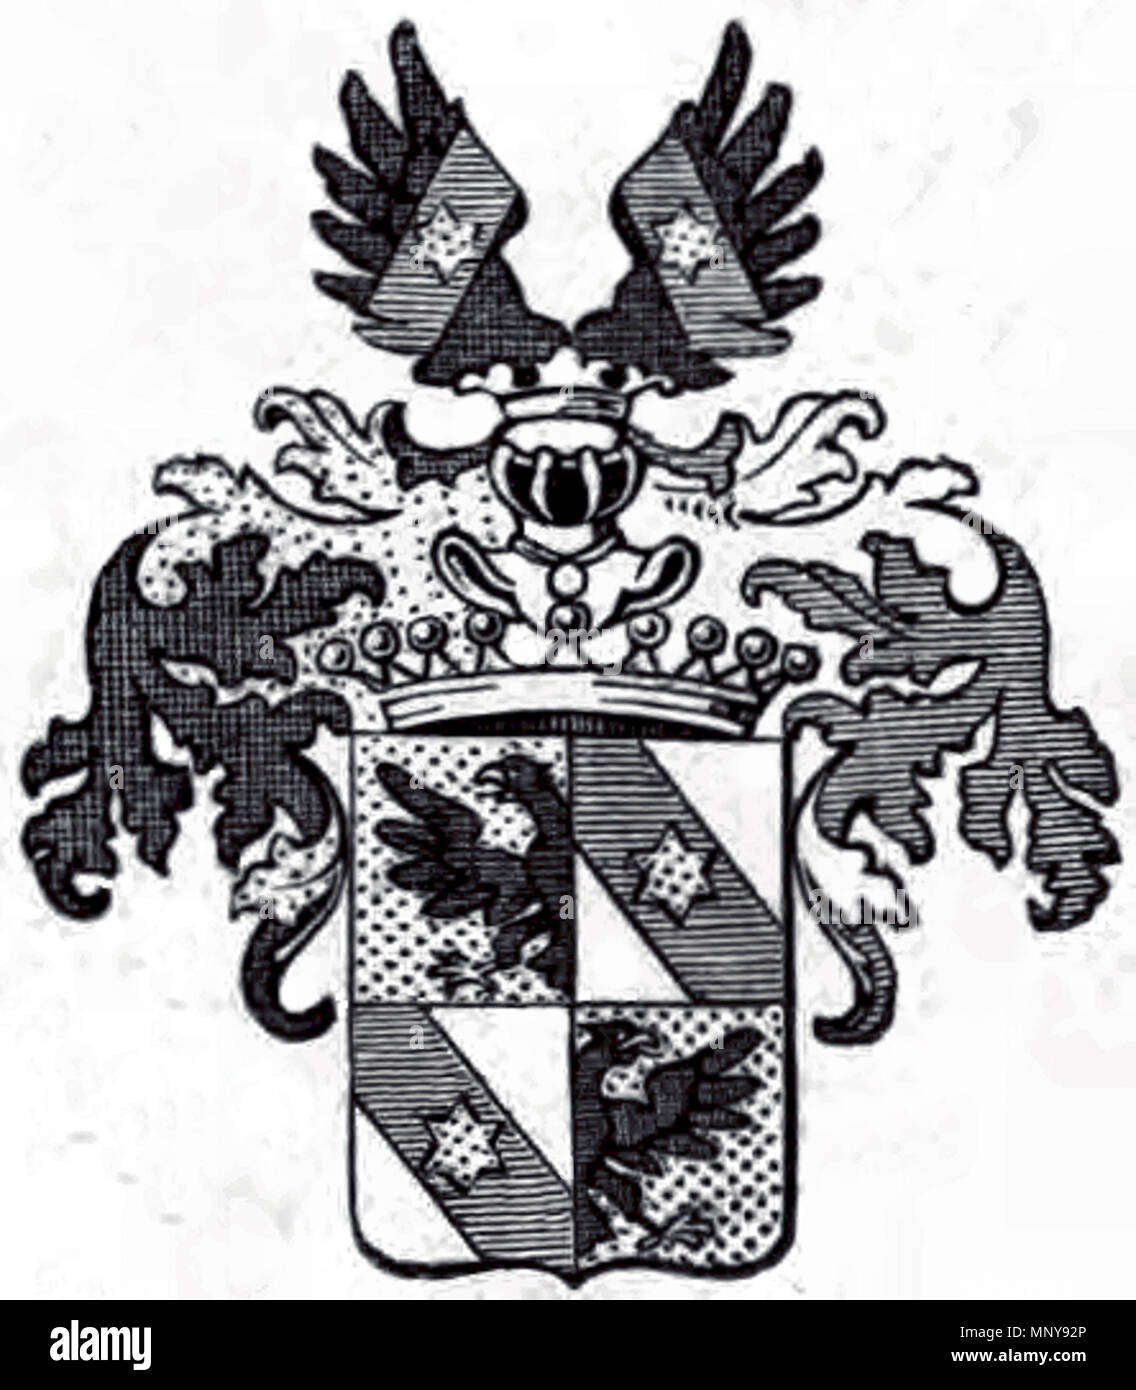 . Deutsch: Wappen der Grafen Alberti von Enno 1714 . 1714/(book 1859). Unknown 1251 Wappen der Grafen Alberti von Enno - Stock Image